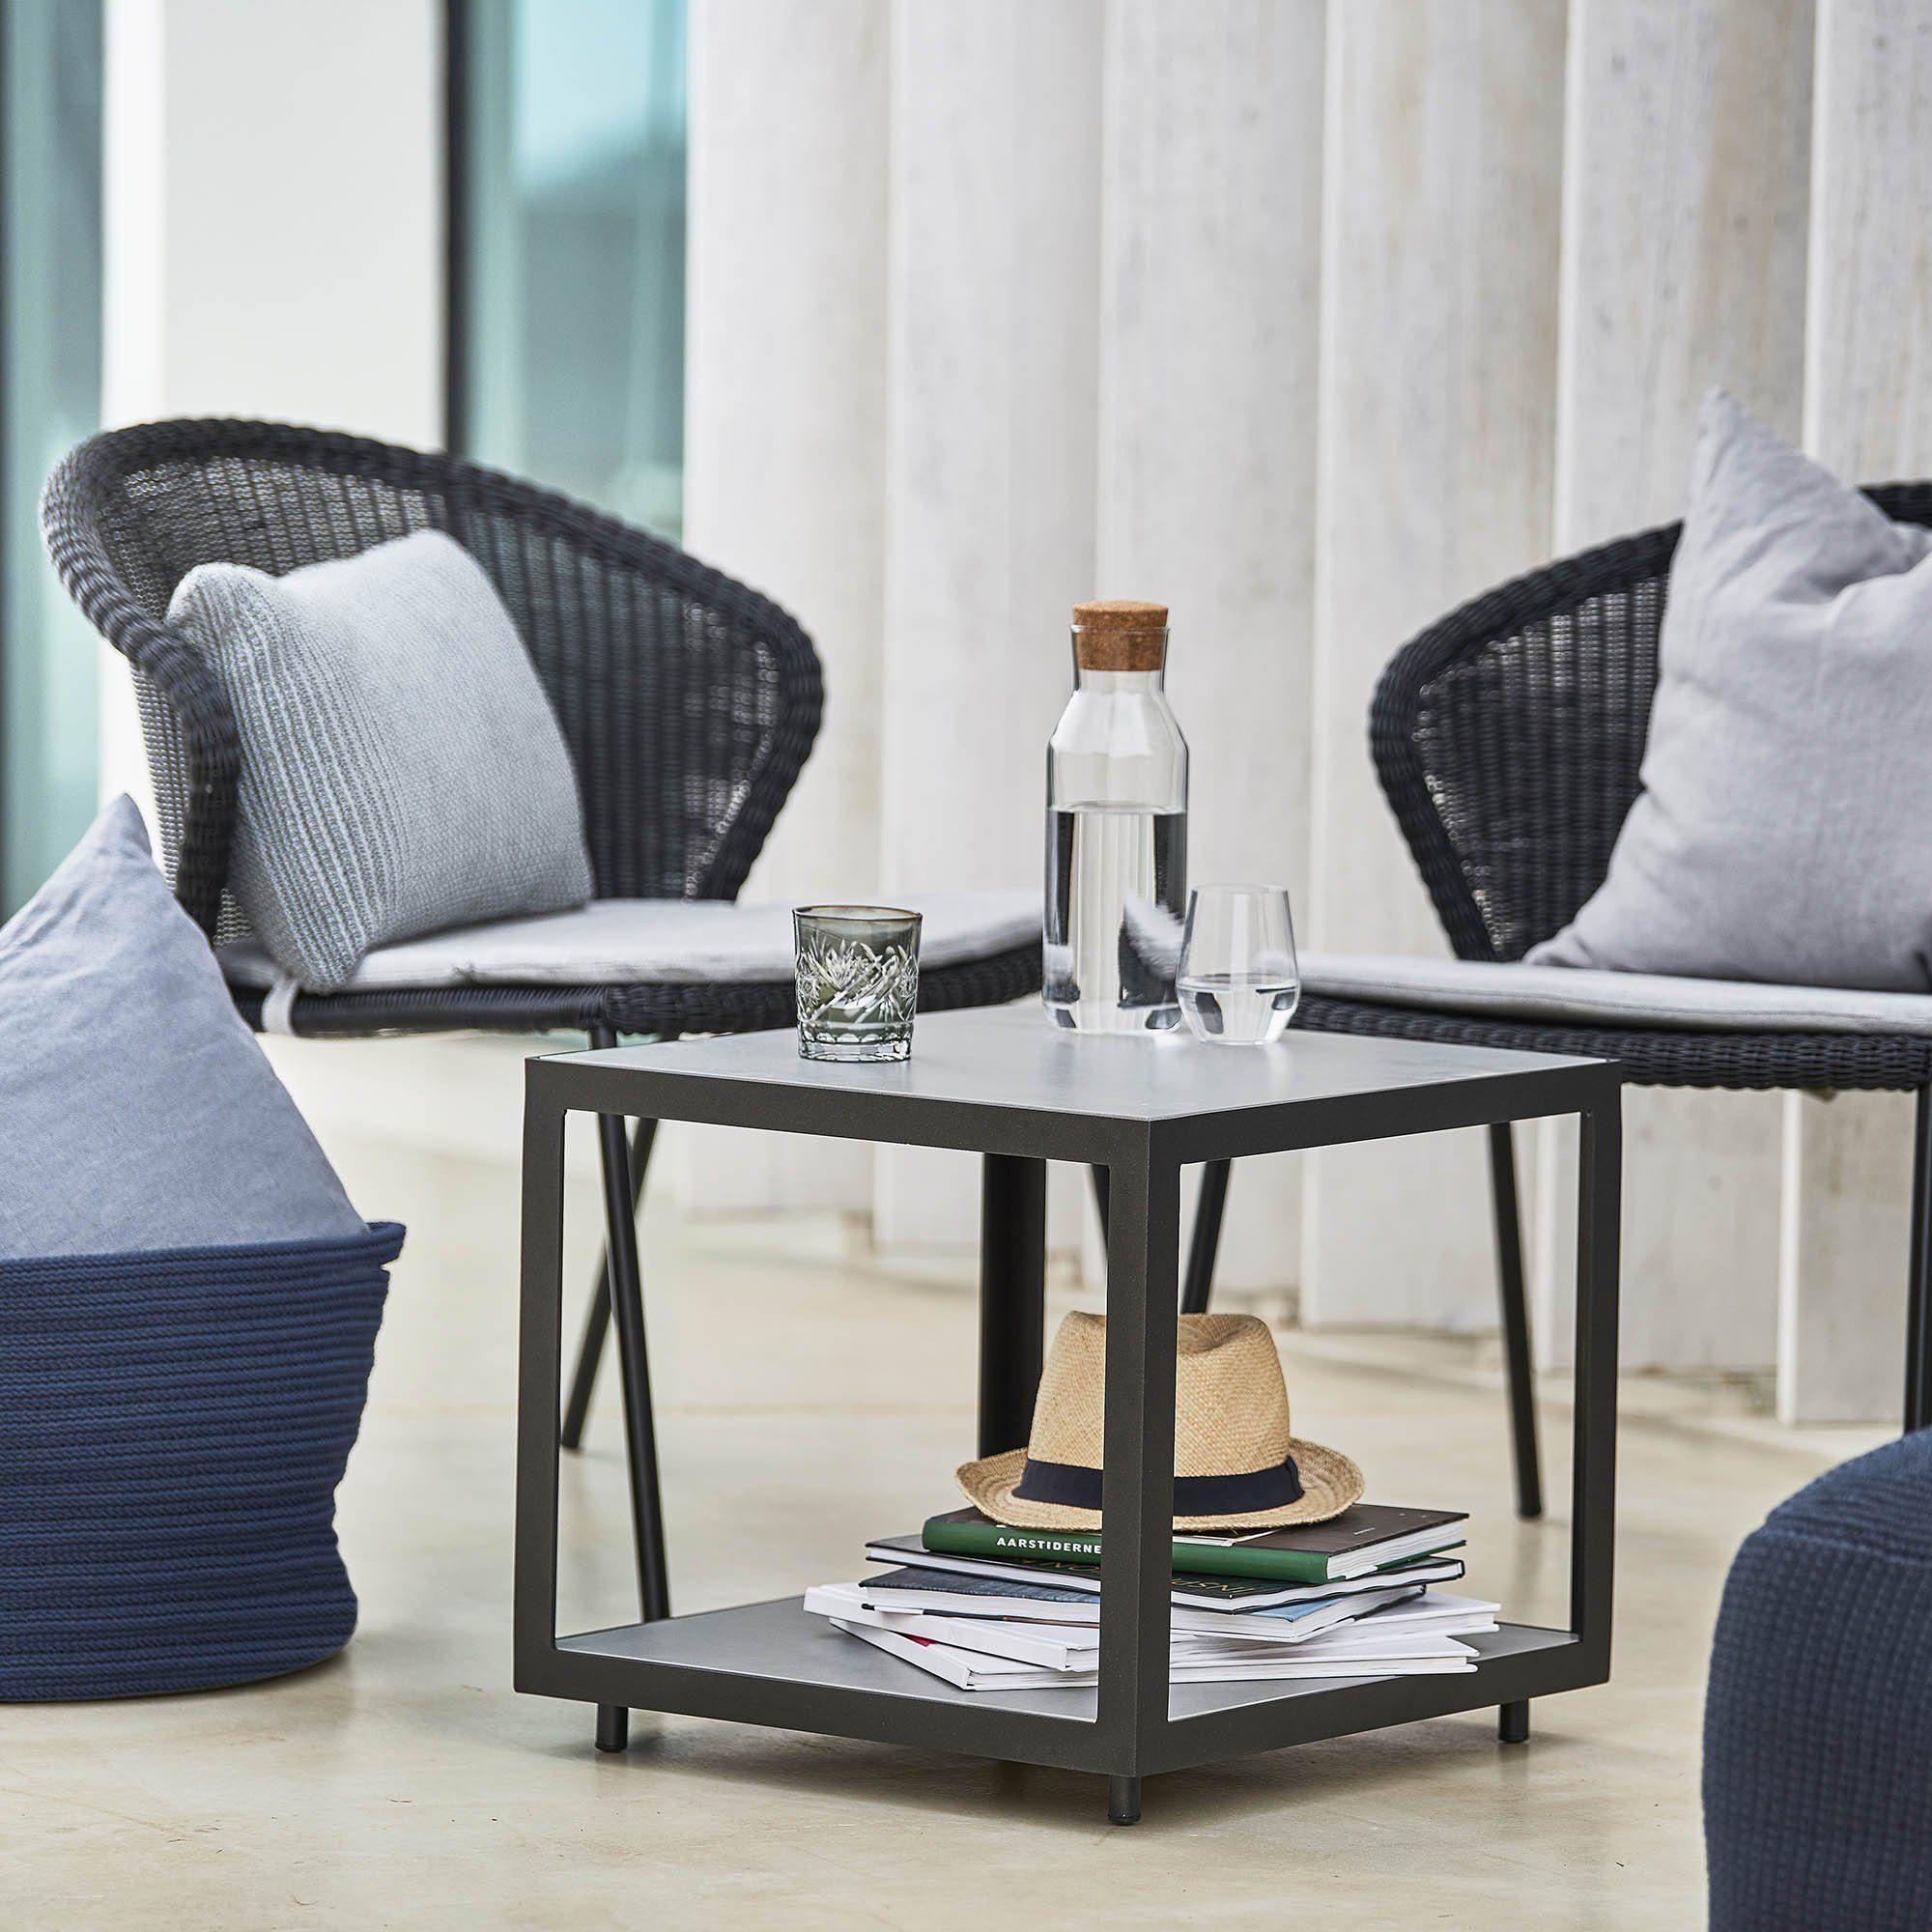 Miljöbild på Level sidobord och Lean loungestol från Cane-Line